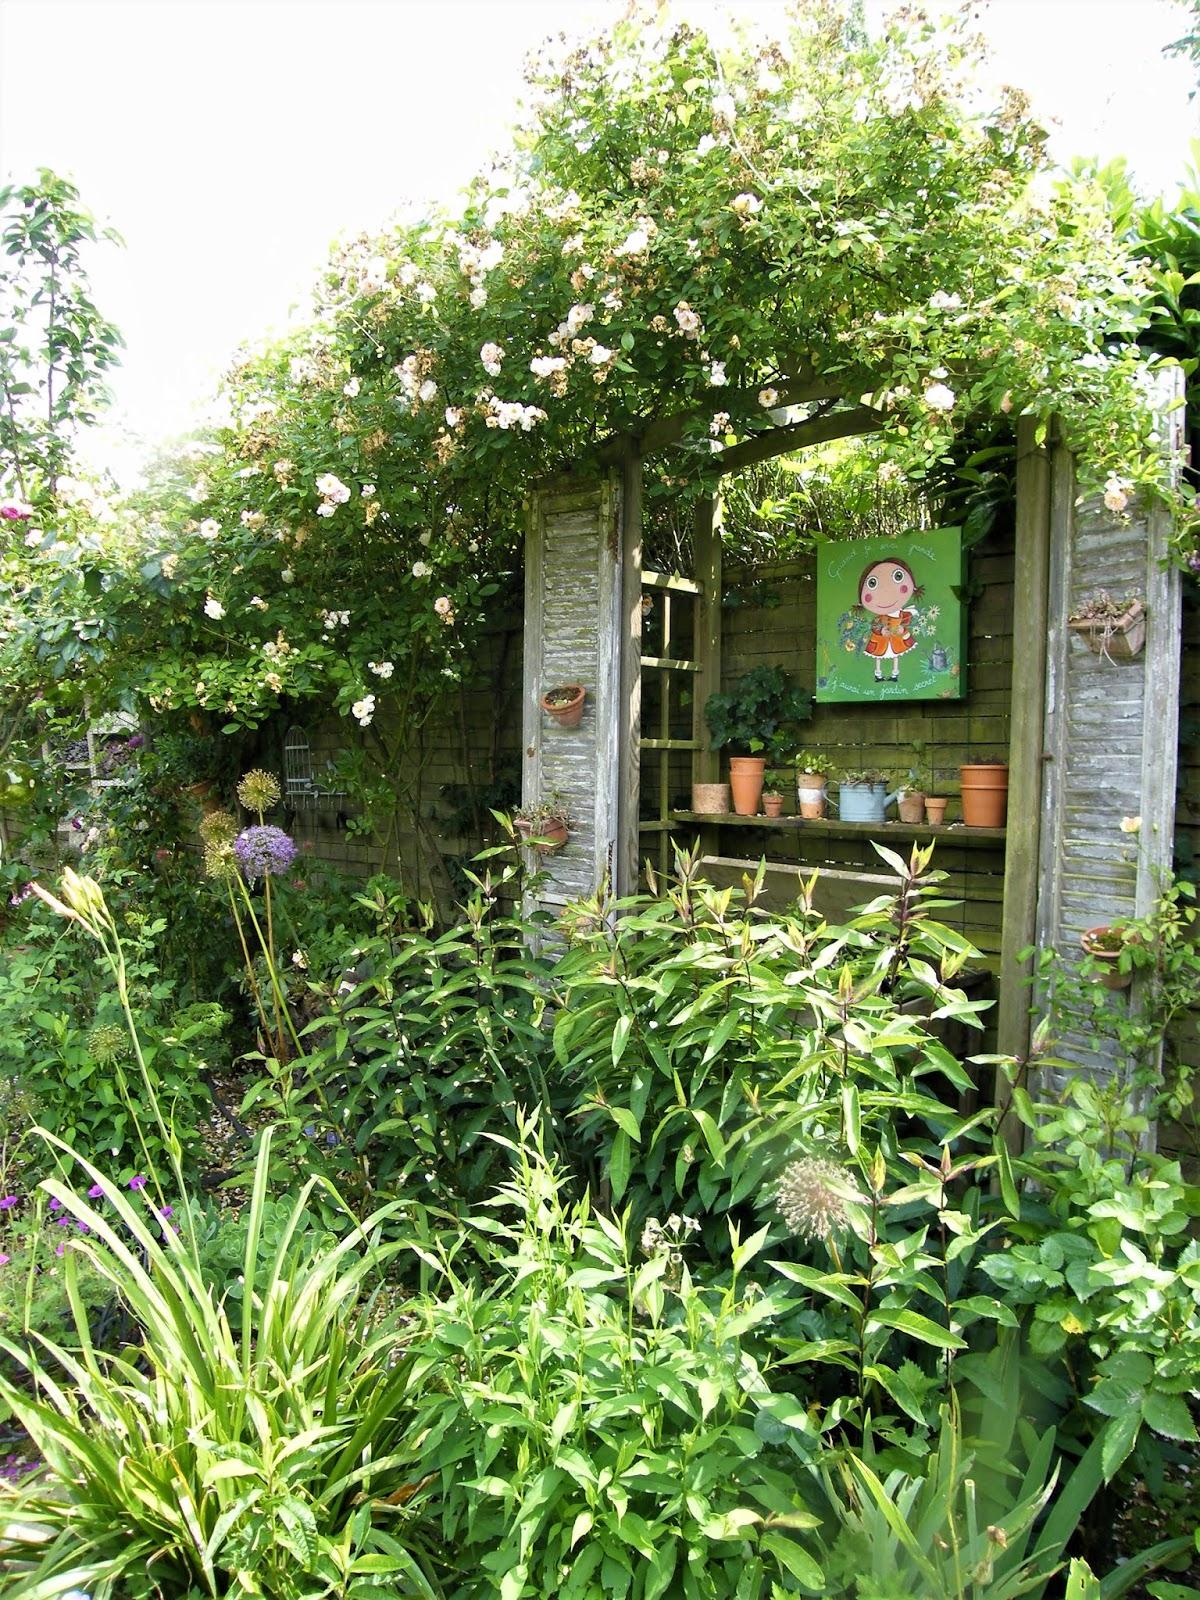 Au gr du jardin - Quand mettre du fumier dans son jardin ...